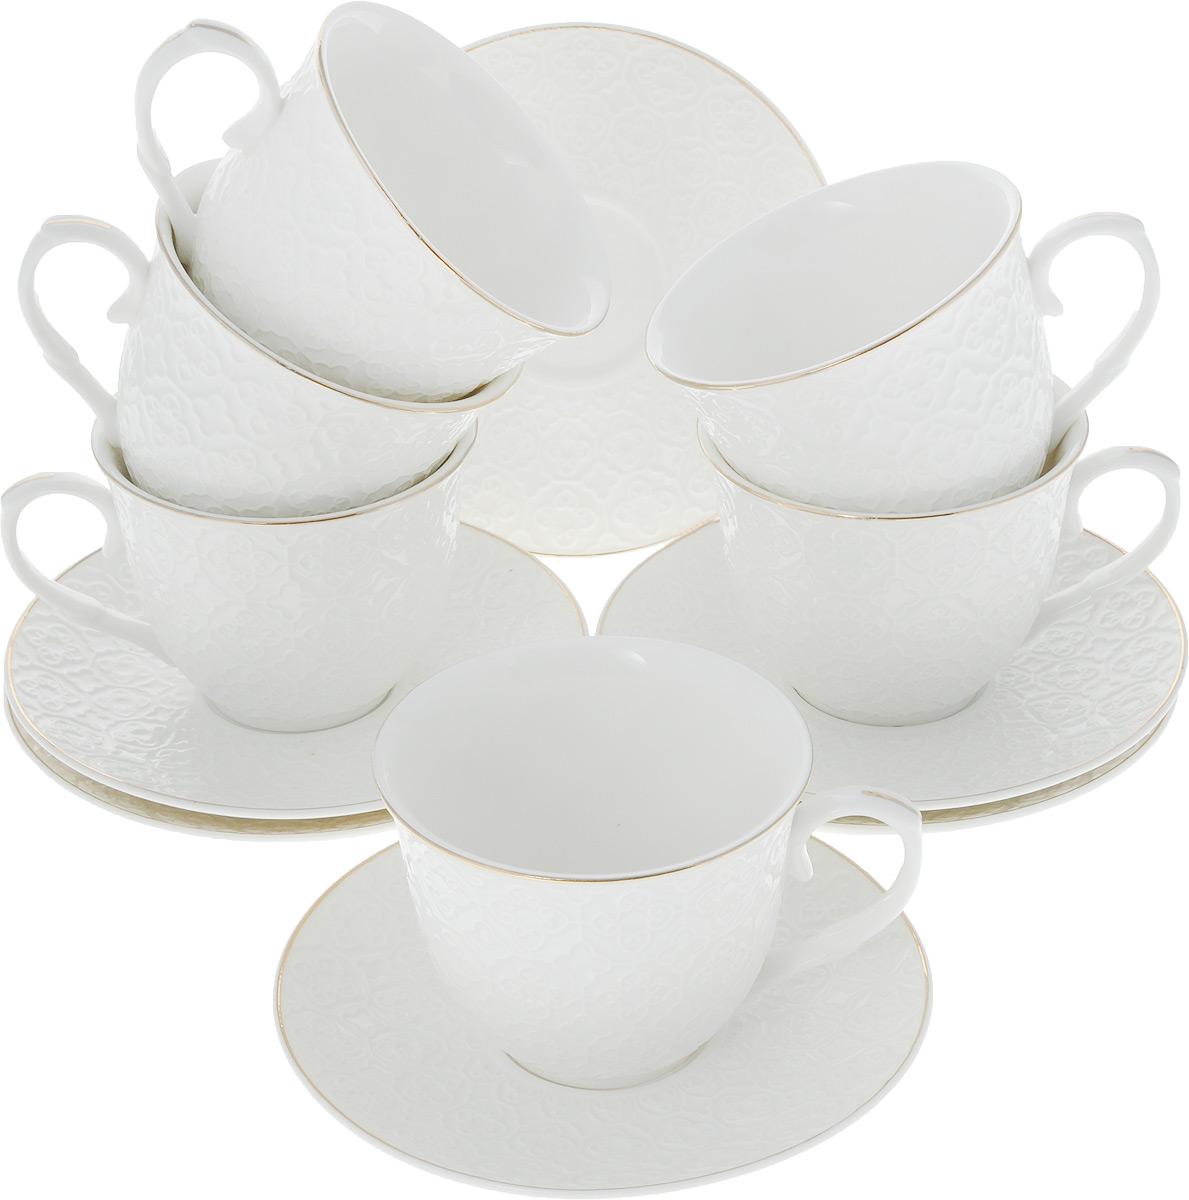 Сервиз чайный Loraine, 12 предметов. 2650426554Чайный сервиз Loraine на 6 персон выполнен из высококачественного костяного фарфора - материала, безопасного для здоровья и надолго сохраняющего тепло напитка. В наборе 6 чашек и 6 блюдец. Несмотря на свою внешнюю хрупкость, каждый из предметов набора обладает высокой прочностью и надежностью. Изделия украшены тонкой золотой каймой, внешние стенки дополнены изысканным рельефным орнаментом. Такой чайный набор станет украшением стола, а процесс чаепития превратится в одно удовольствие!Набор упакован в подарочную коробку, поэтому его можно преподнести в качестве оригинального и практичного подарка для родных и близких. Объем чашки: 200 мл. Диаметр чашки (по верхнему краю): 8,5 см. Высота чашки: 7 см. Диаметр блюдца: 13,5 см.